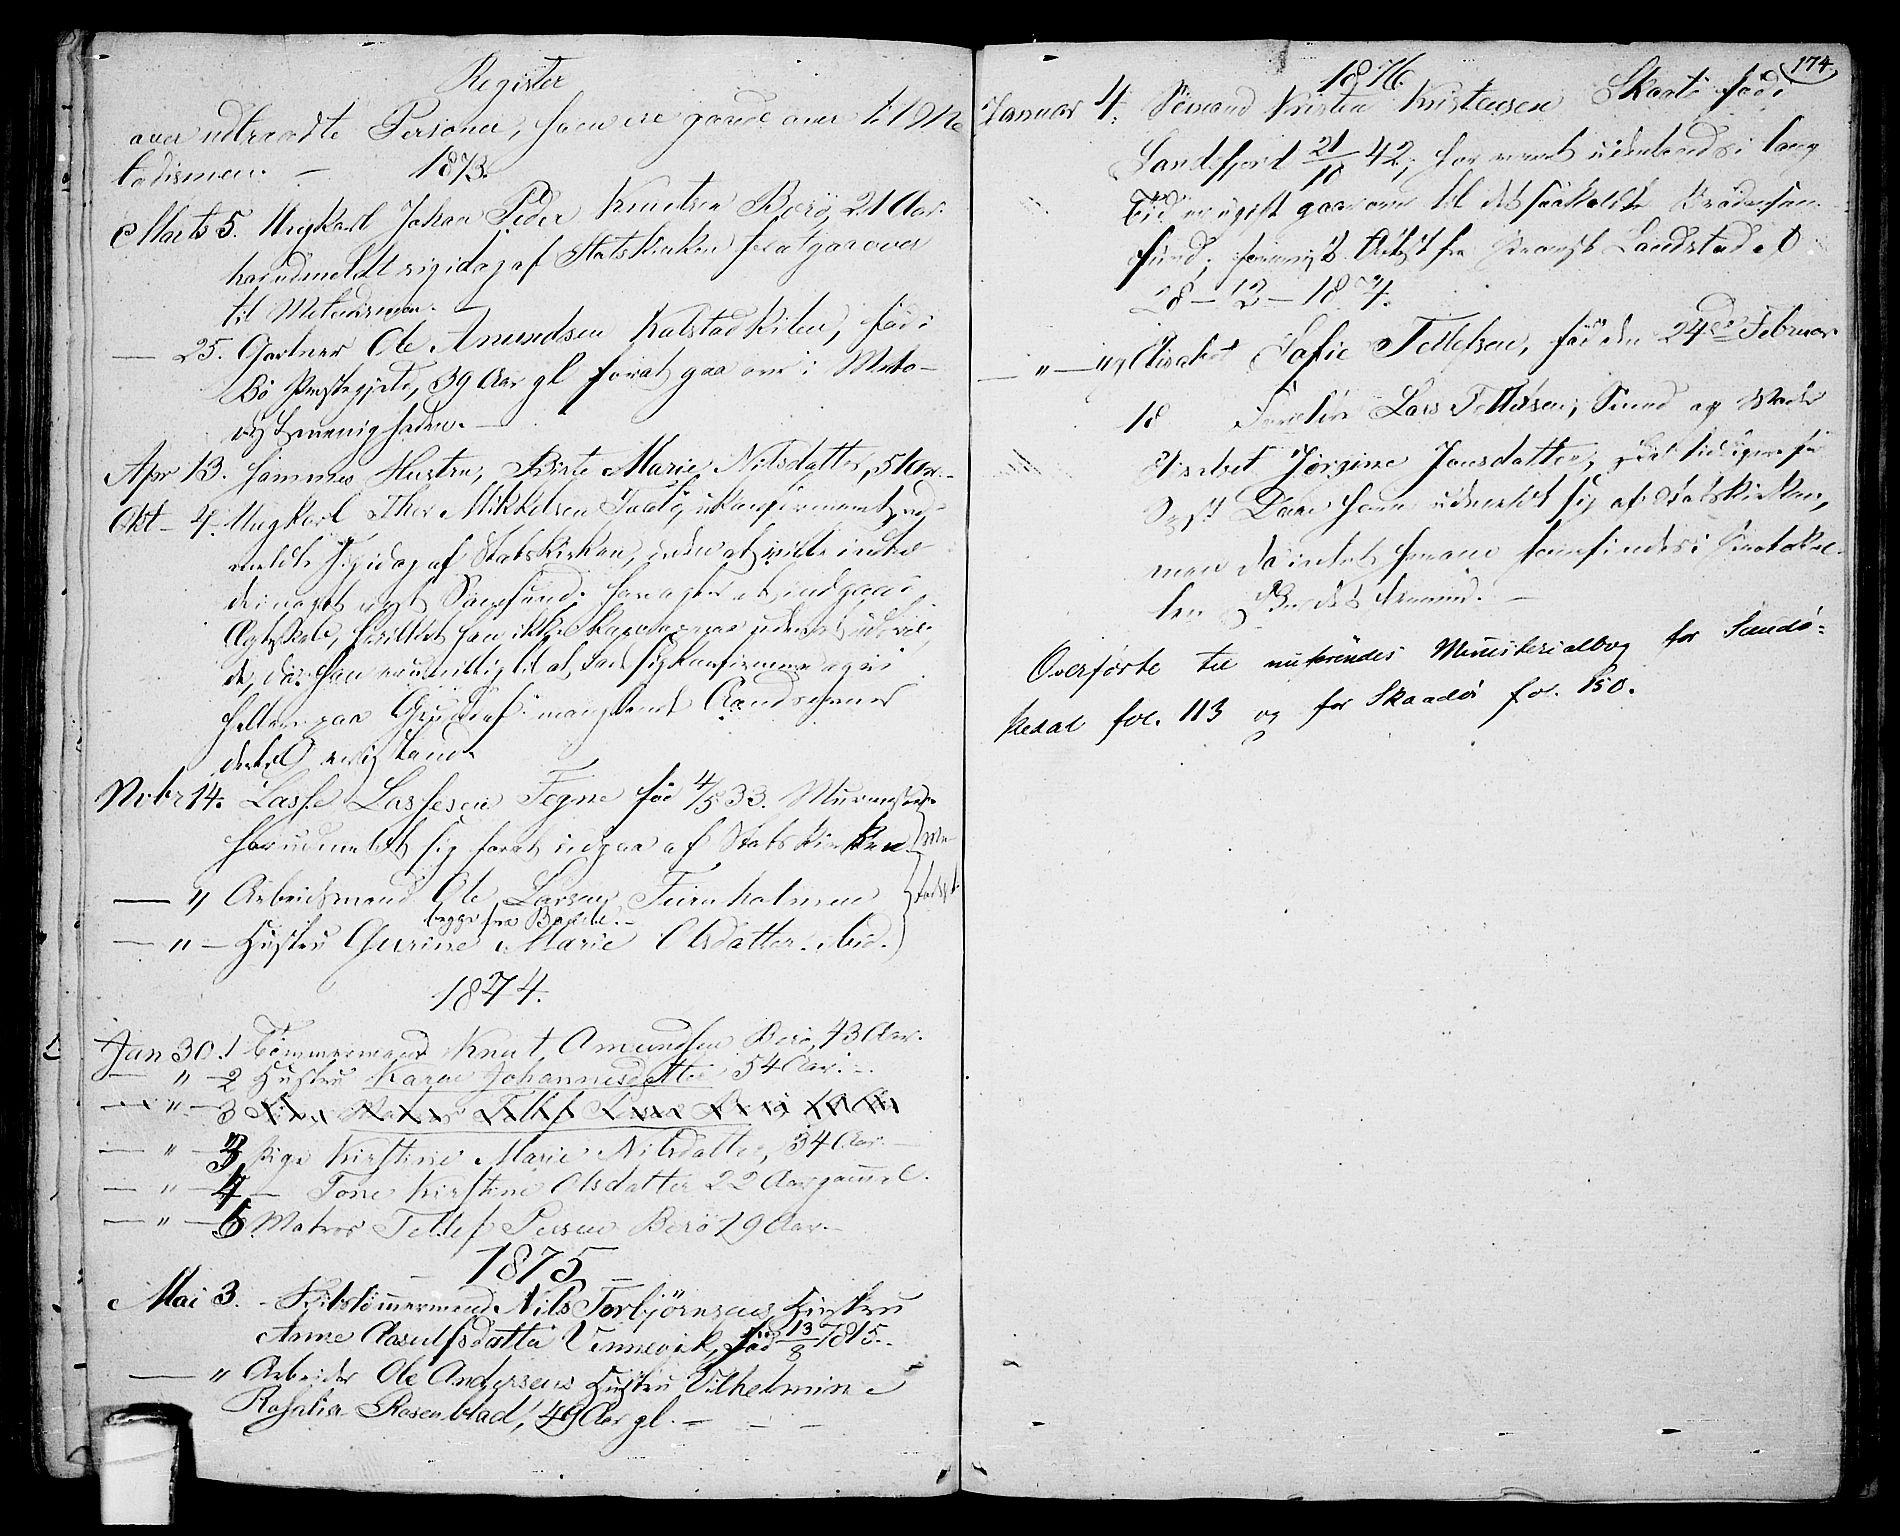 SAKO, Sannidal kirkebøker, F/Fa/L0005: Ministerialbok nr. 5, 1823-1830, s. 174